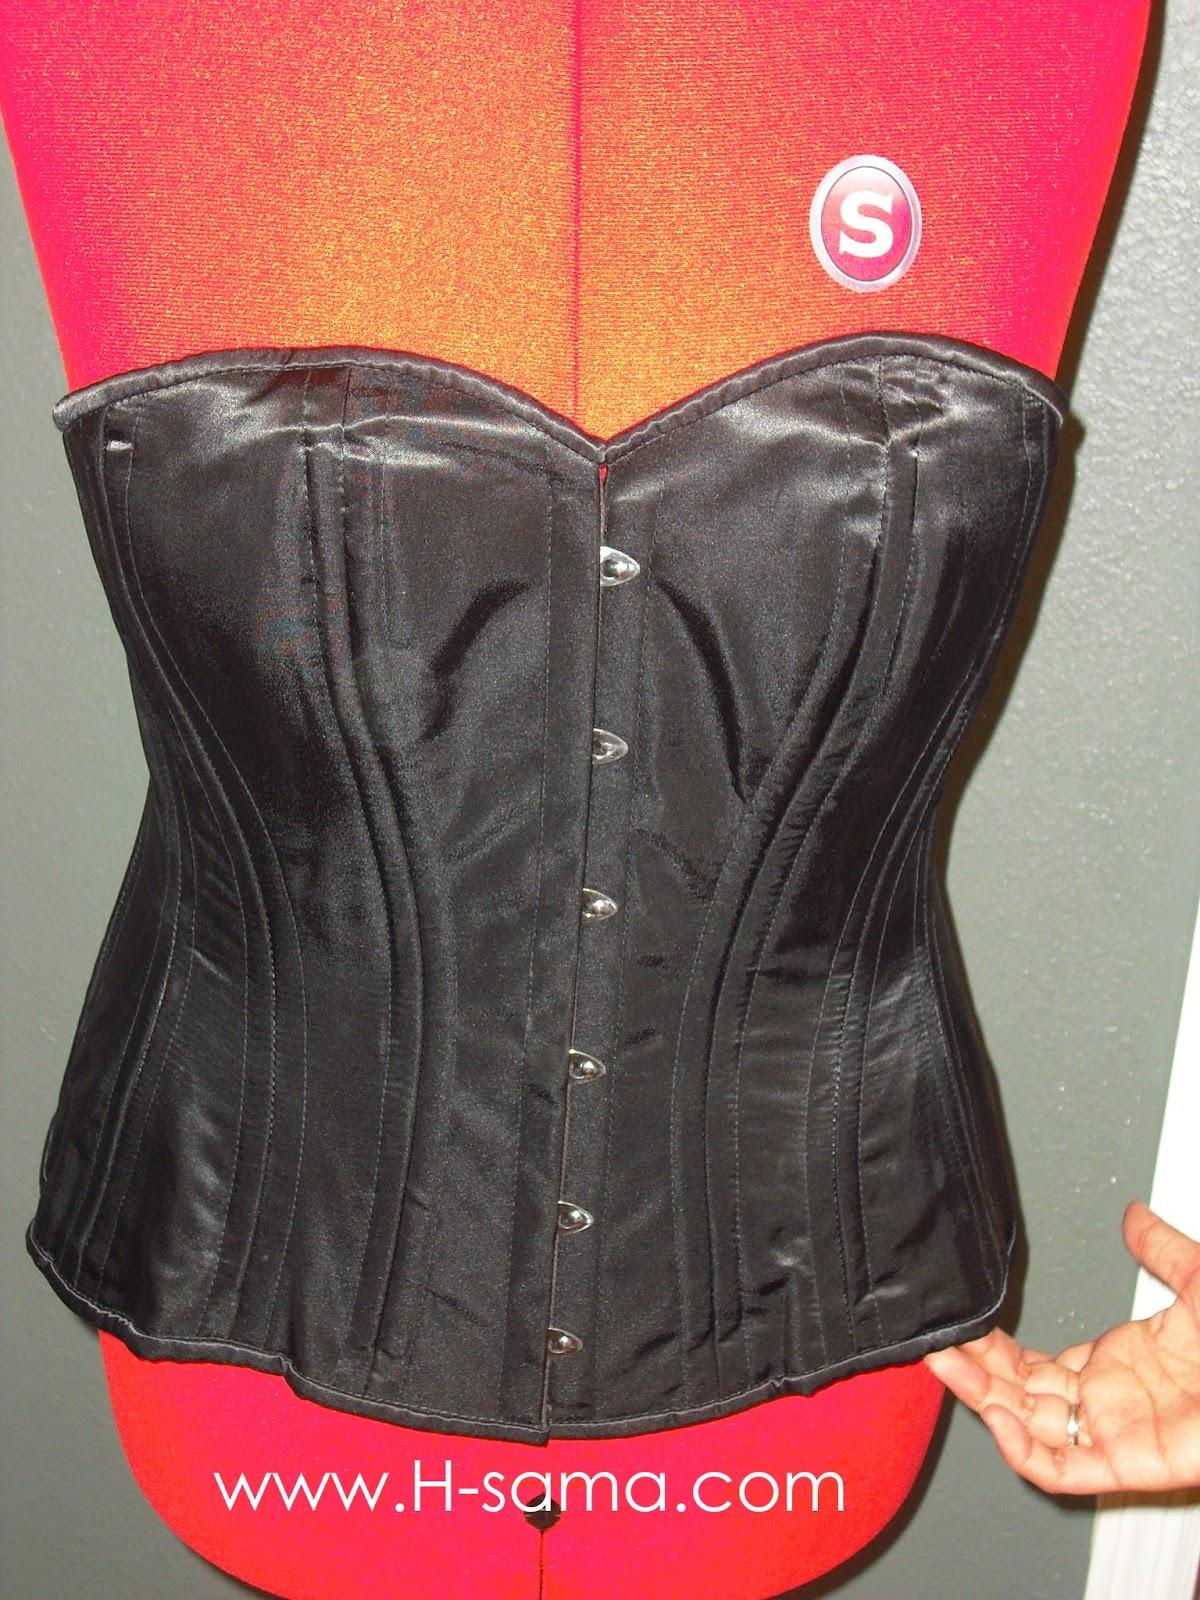 afba9cdb7 Enganação  Ultimamente alguns vendedores têm trocado o fechamento com  colchetes de um corselet por busk. E vendido um corselet bem com